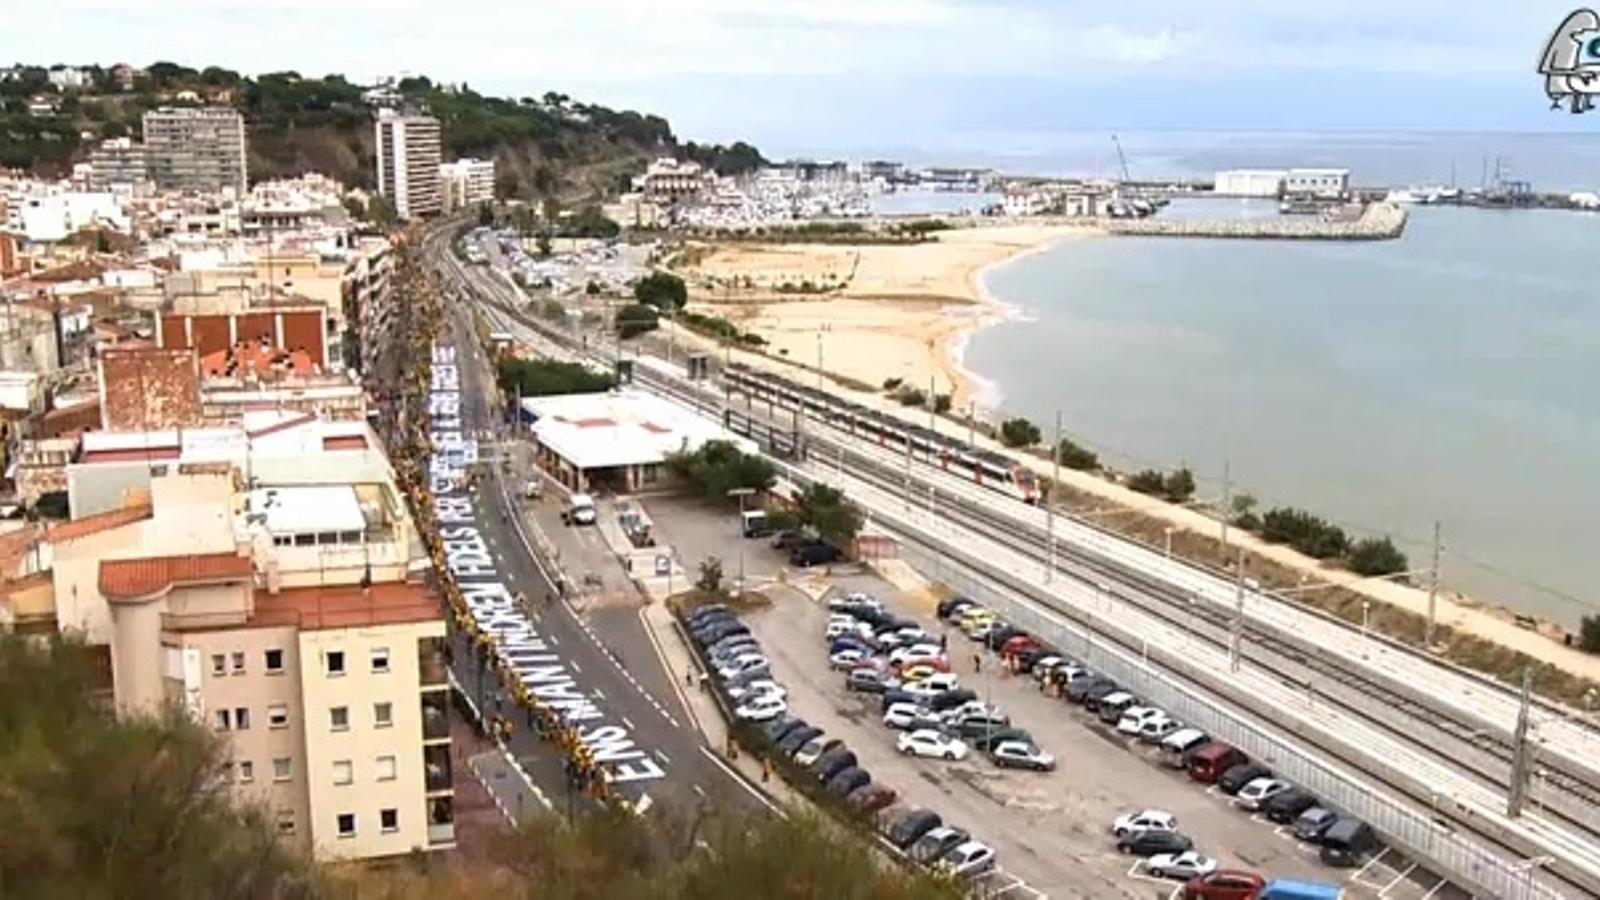 Via Catalana: Tram 481 (Ràdio Arenys)